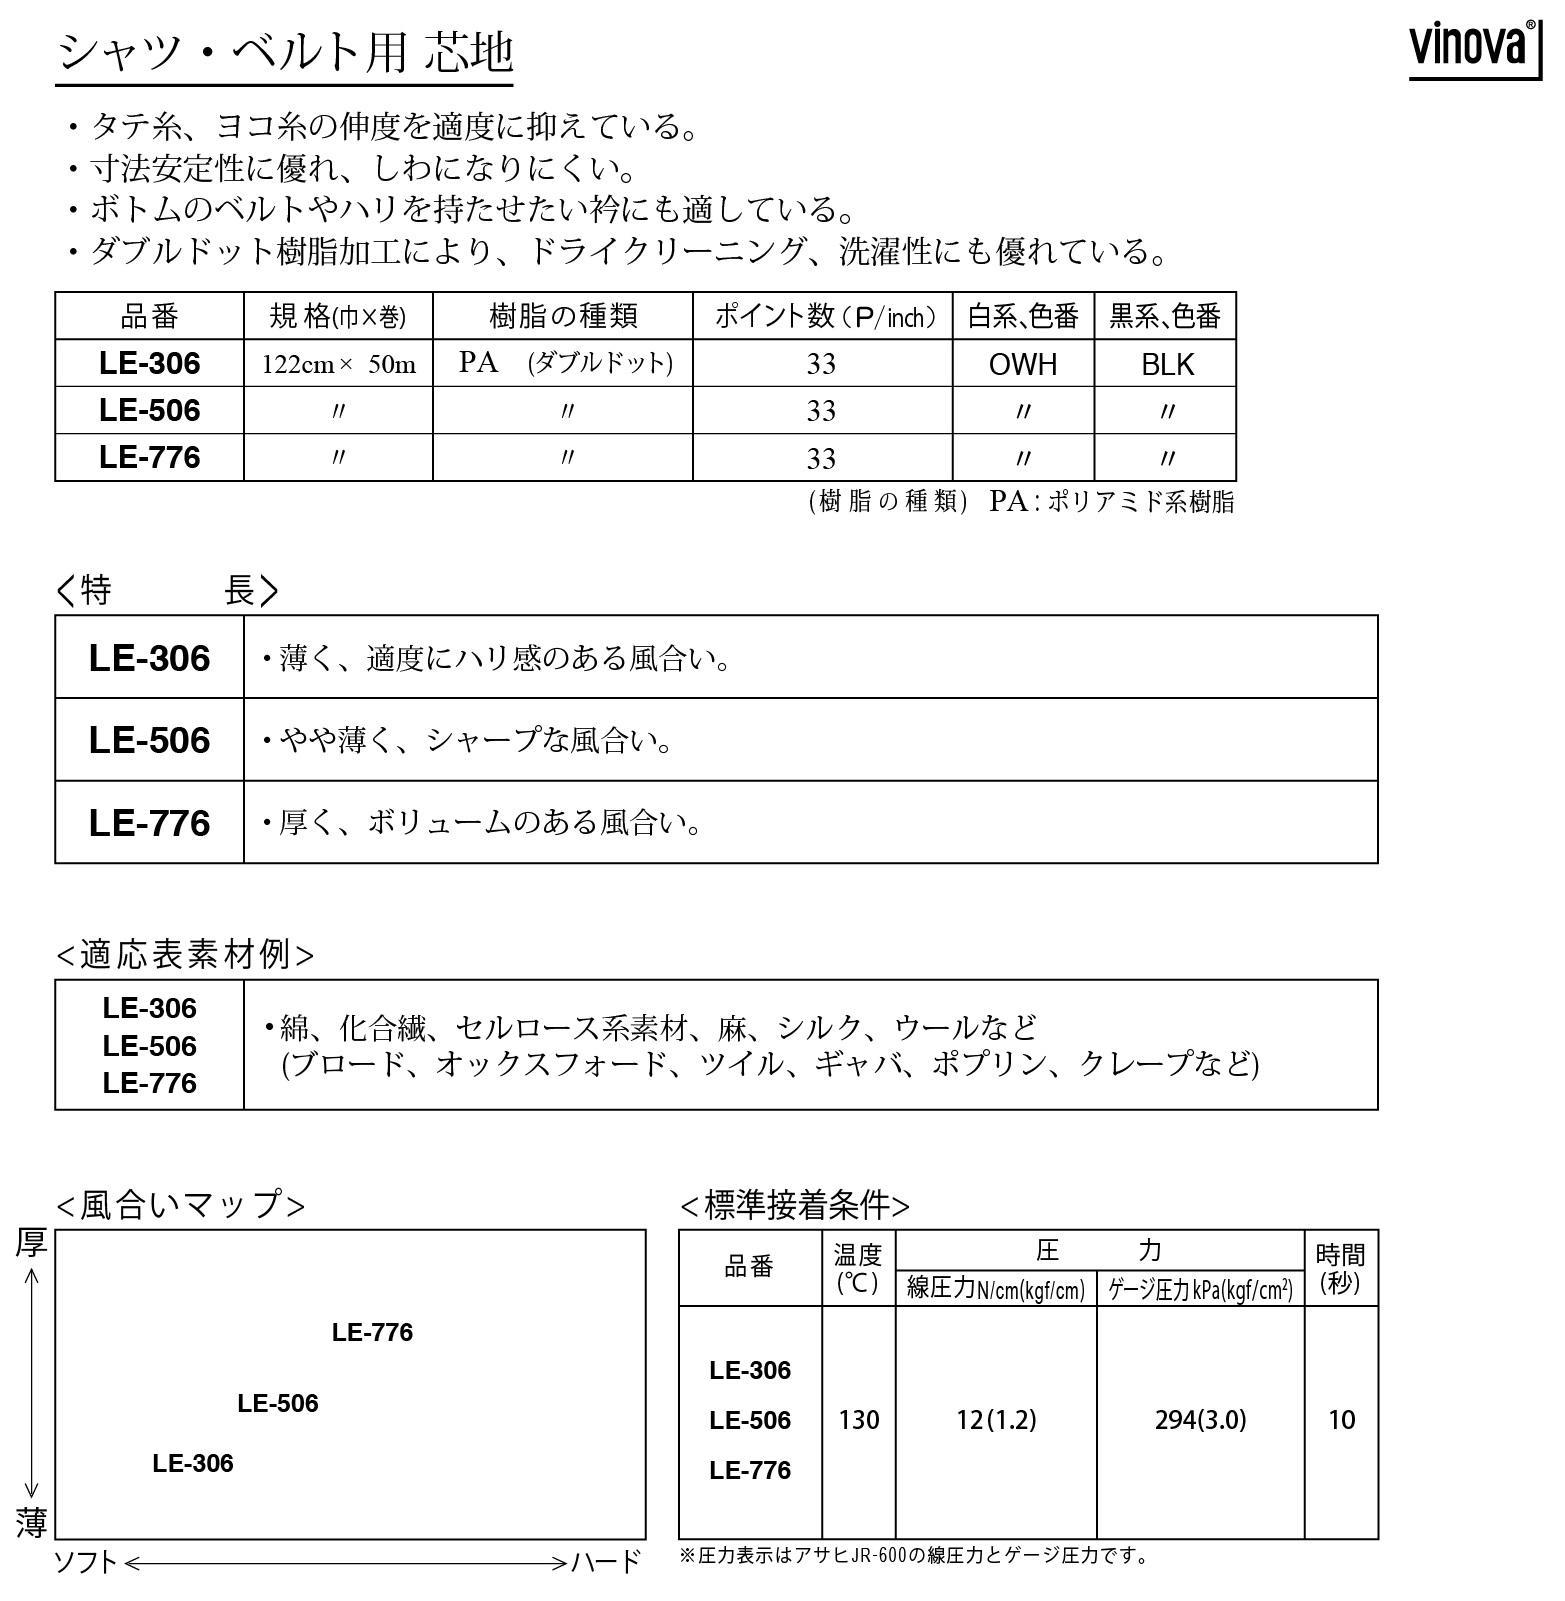 10. シャツ、ベルト用芯地【差替】.jpg